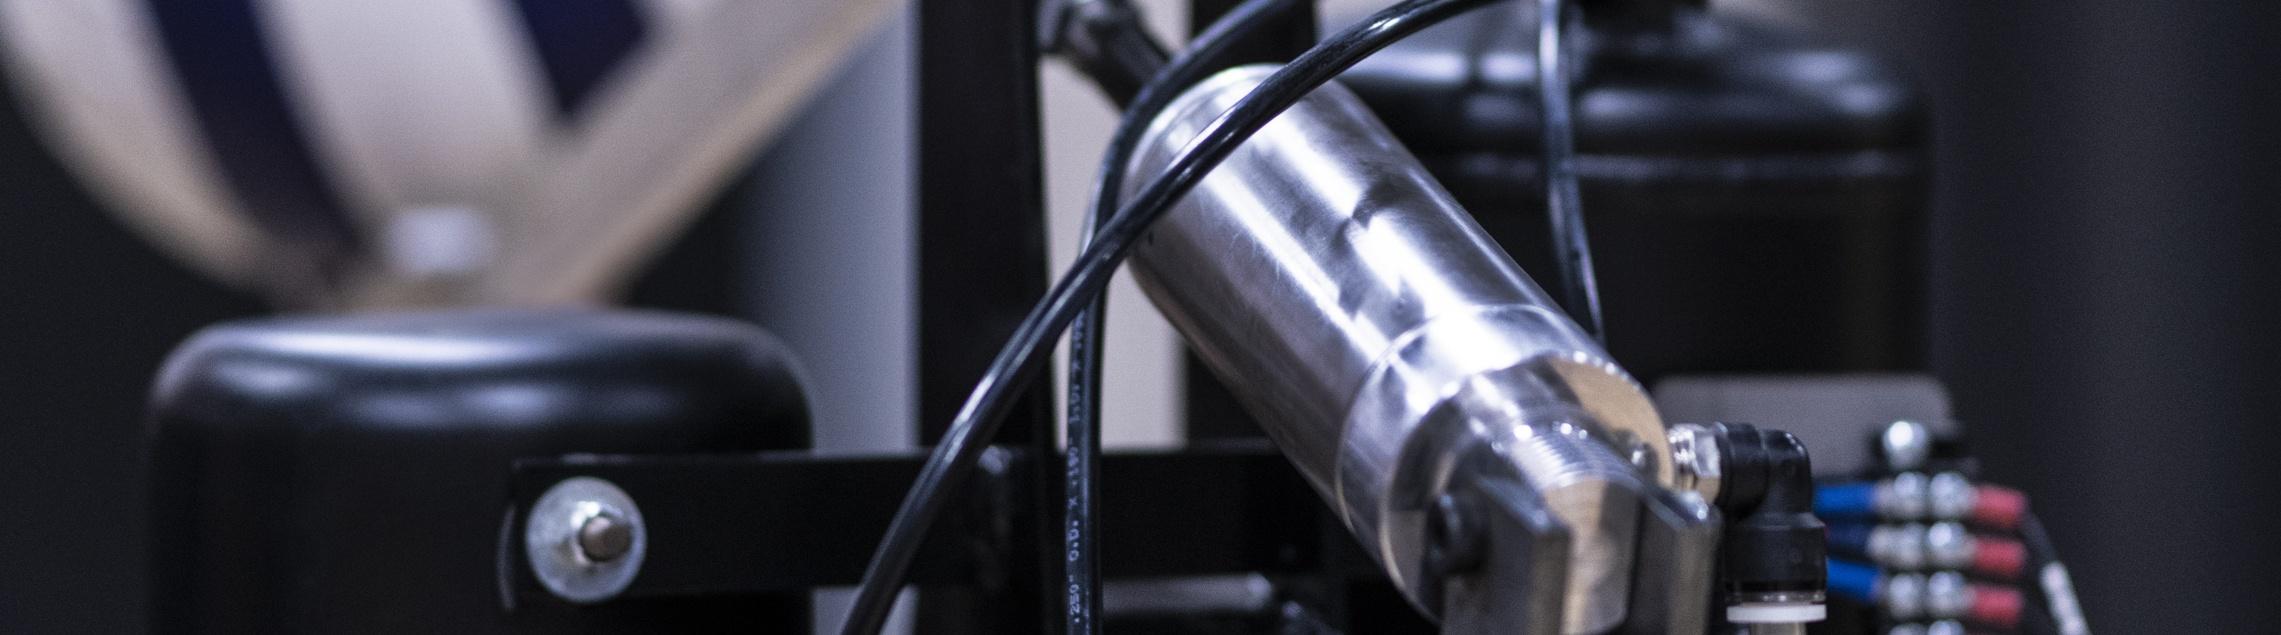 AC Technology BKGD